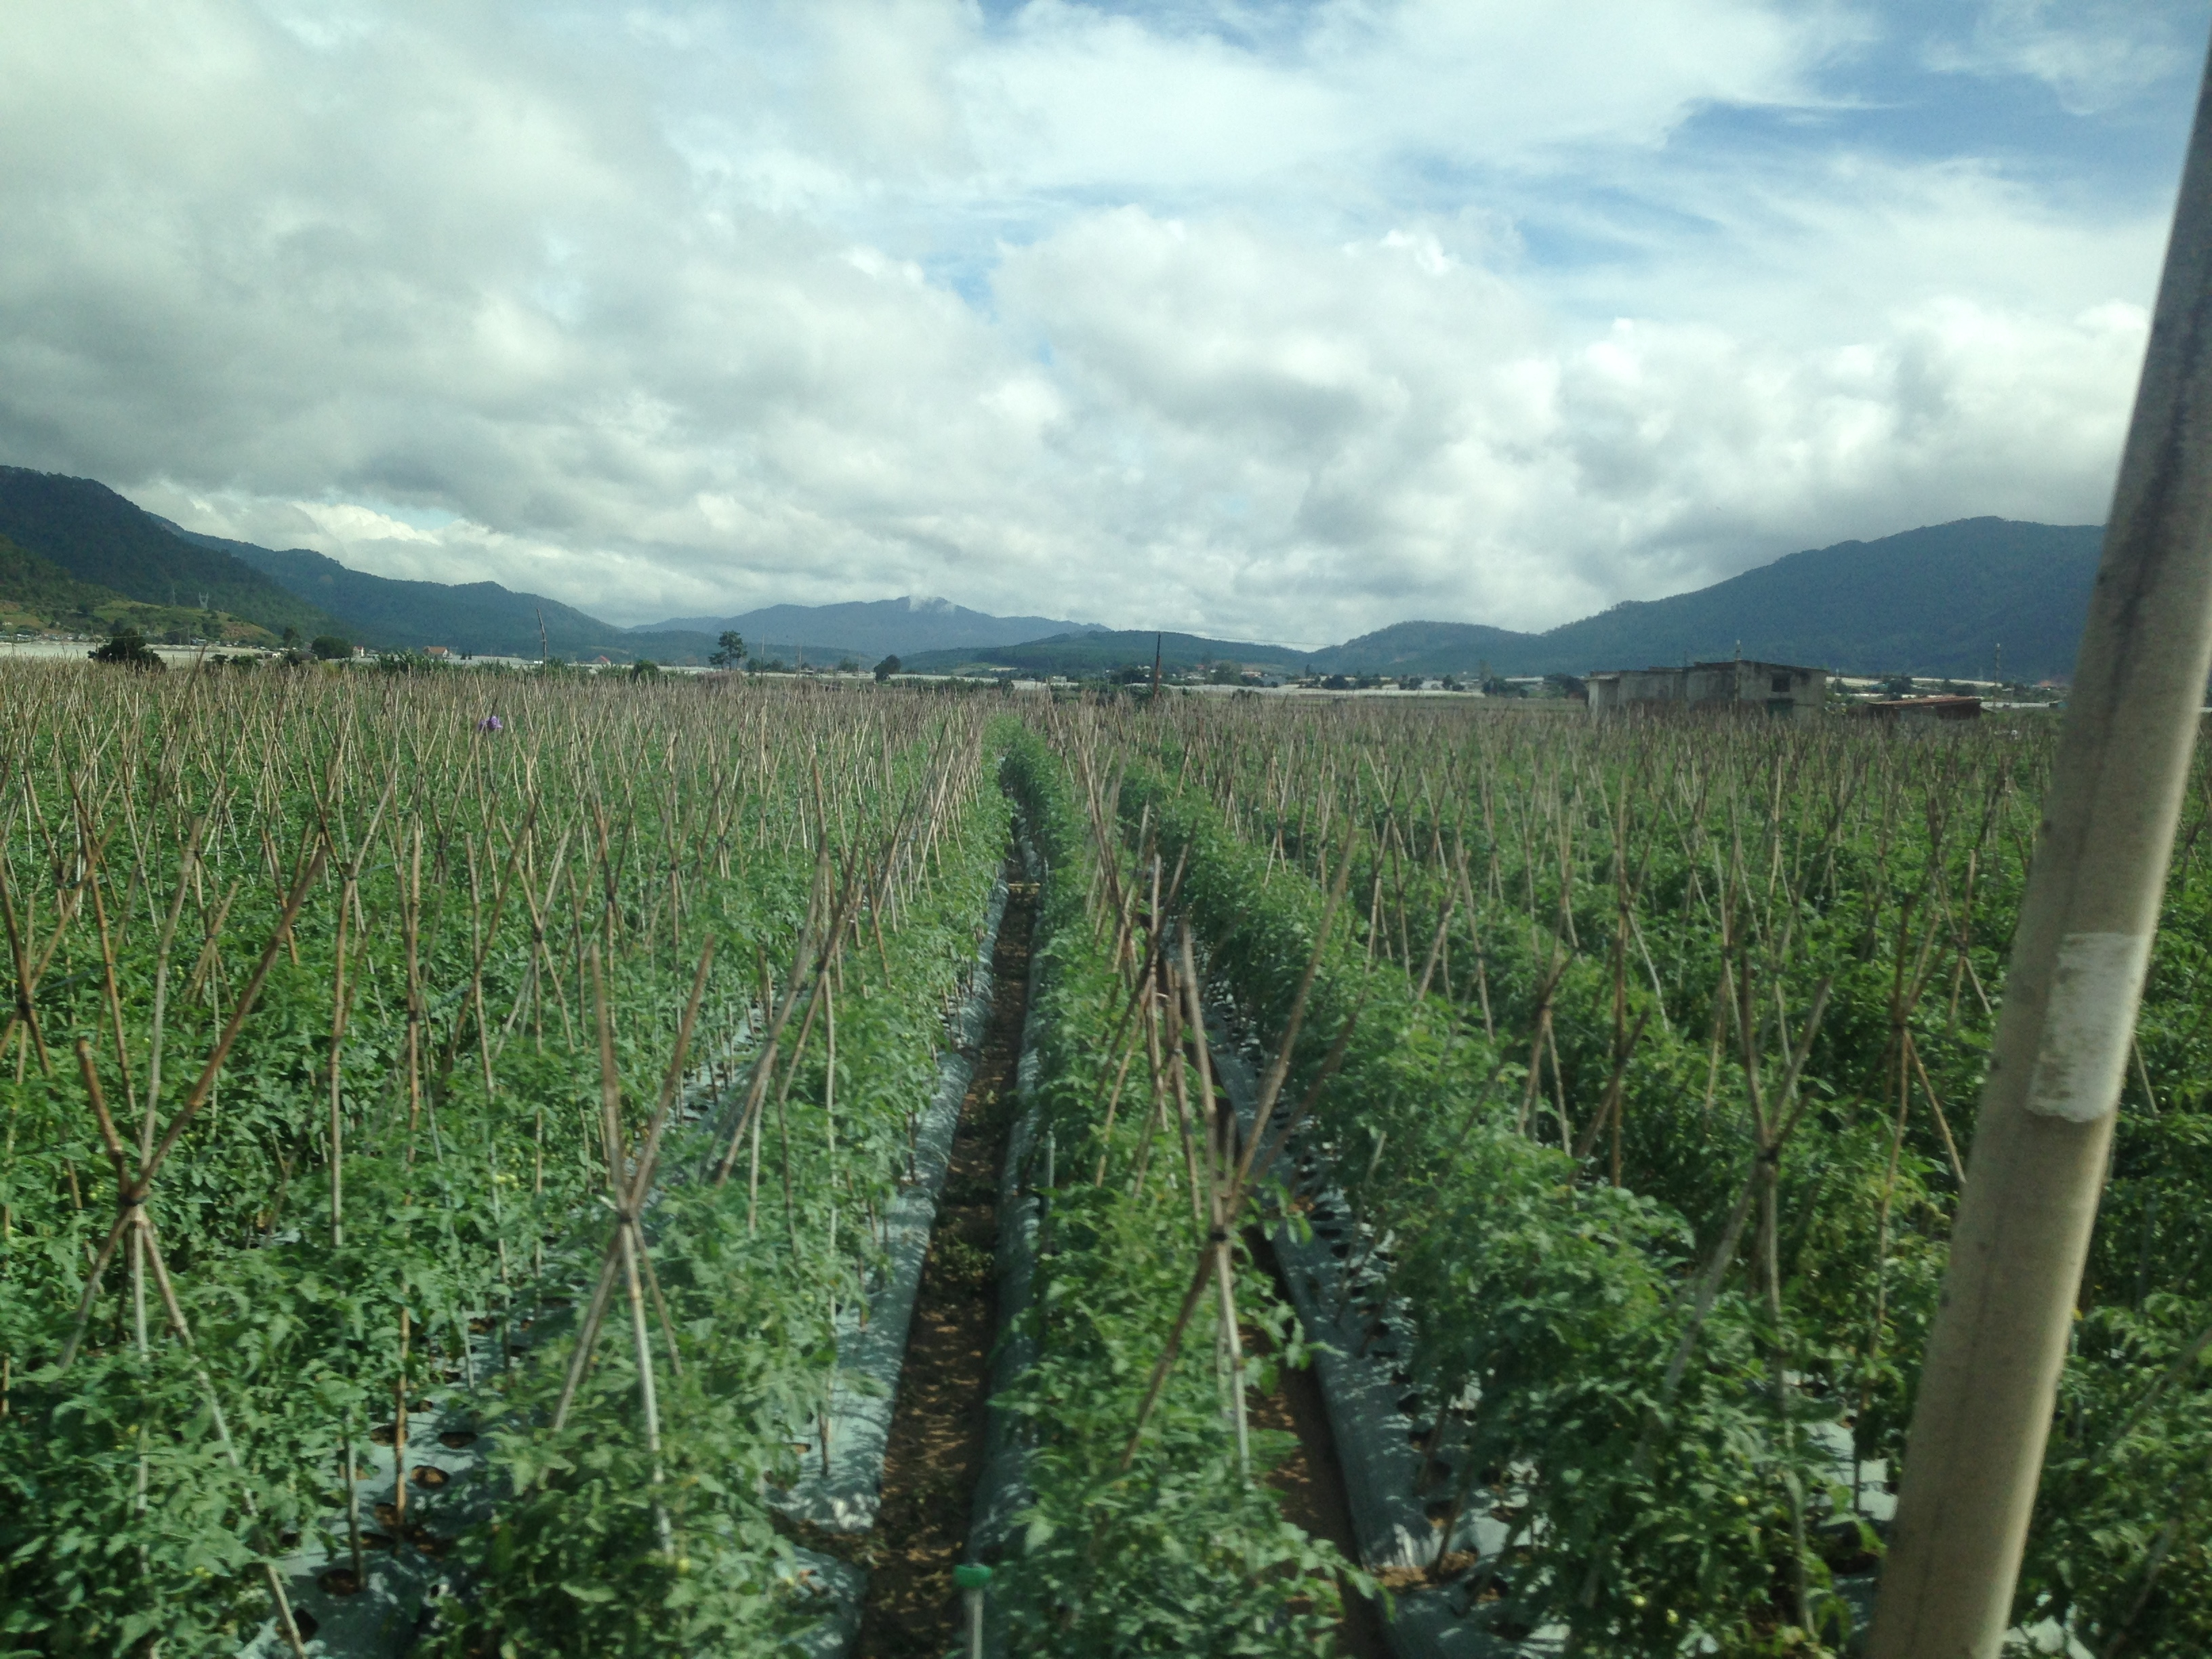 Đẩy mạnh ứng dụng khoa học, công nghệ trong nông nghiệp